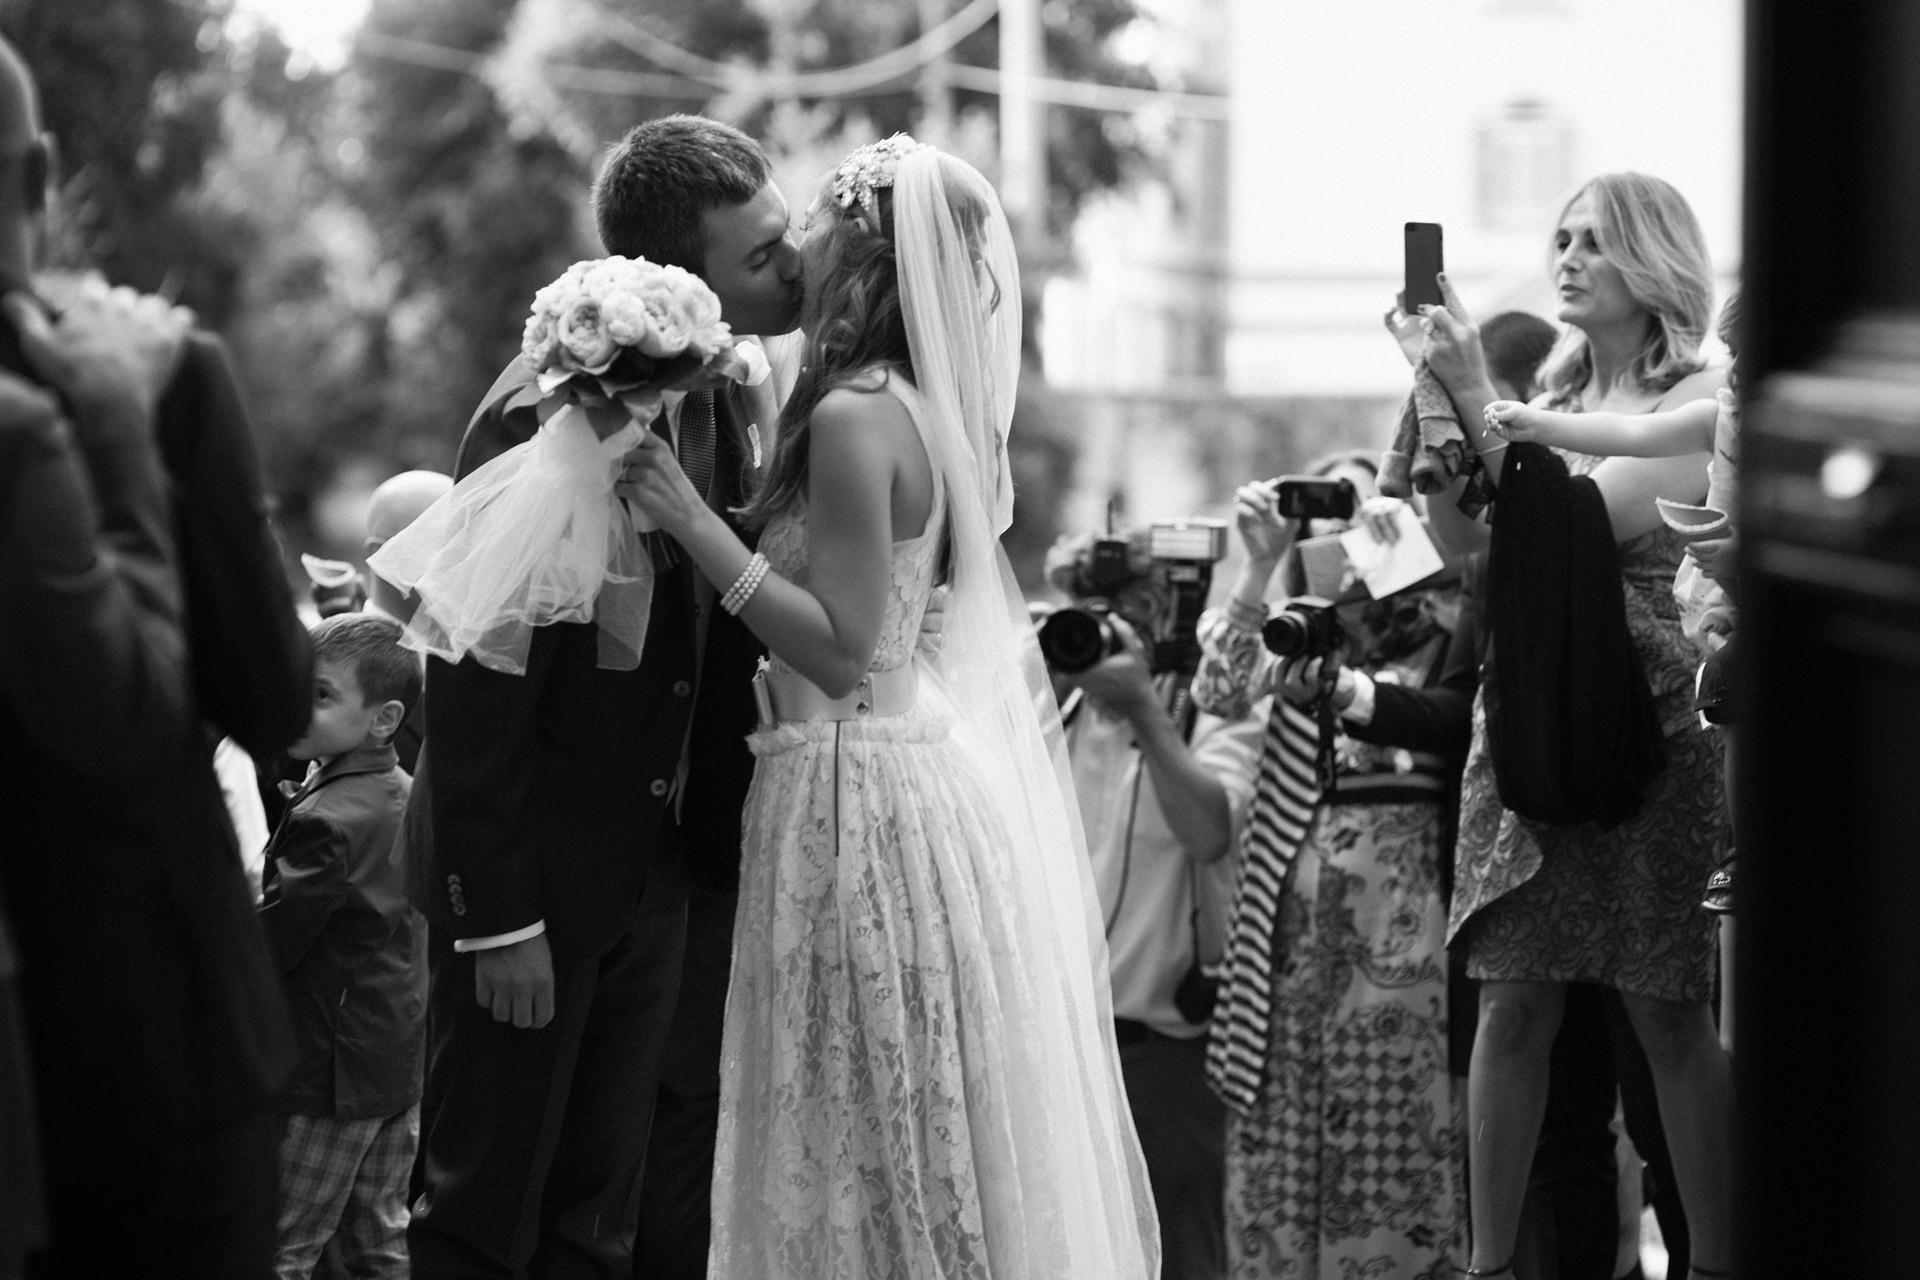 ernesto-de-angelis-fotografo-matrimoni-0019.jpg